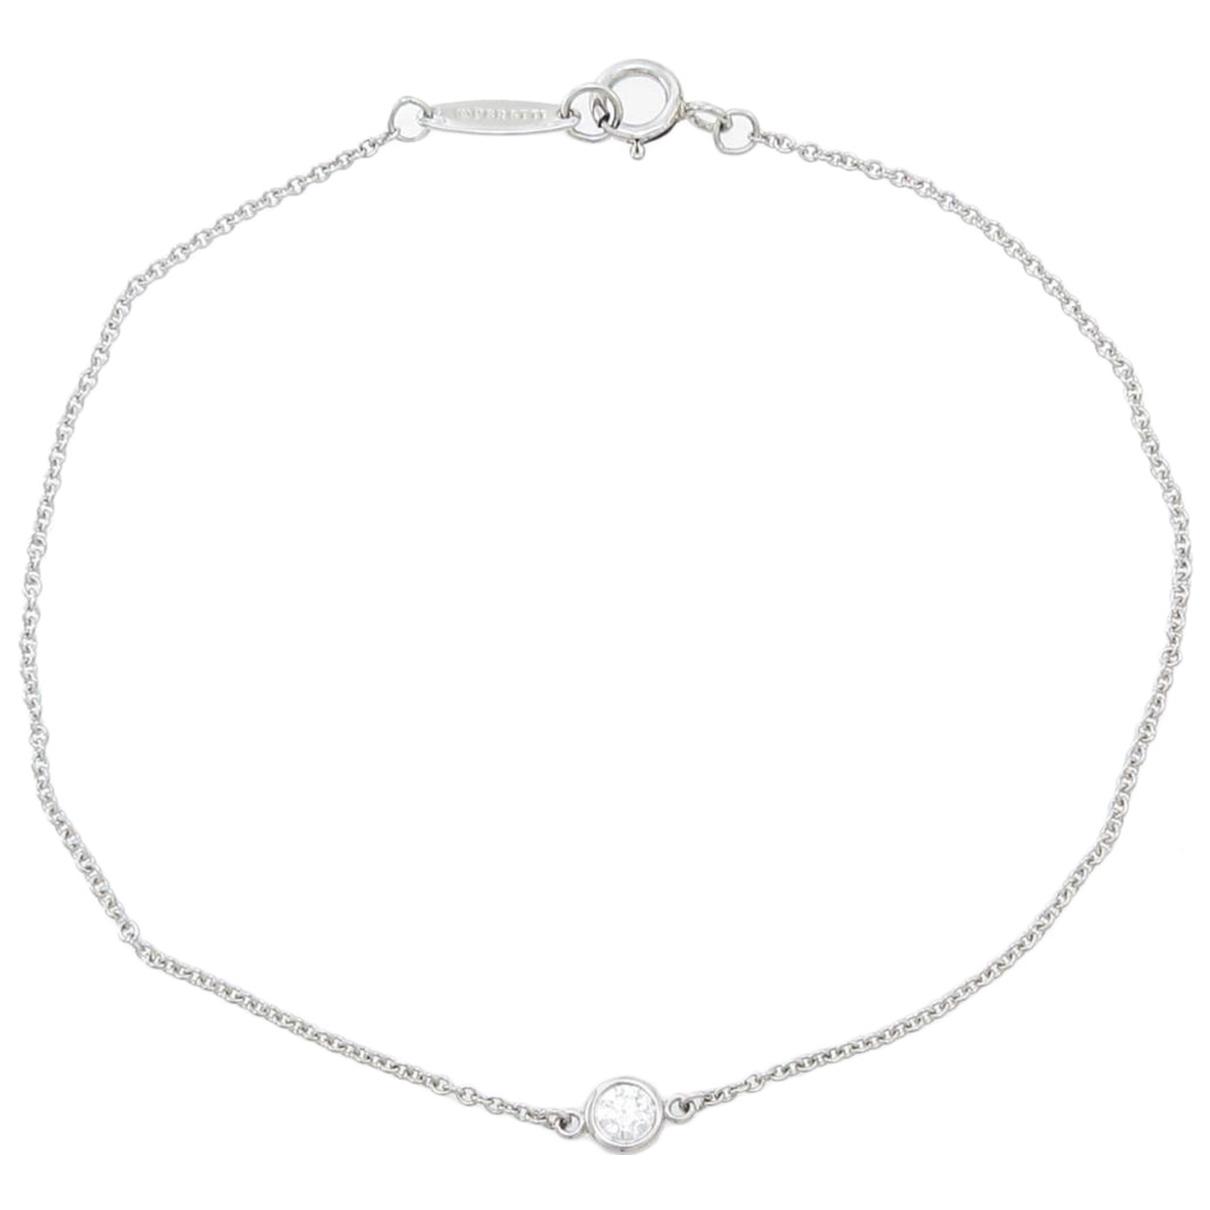 Tiffany & Co \N Gold White gold bracelet for Women \N